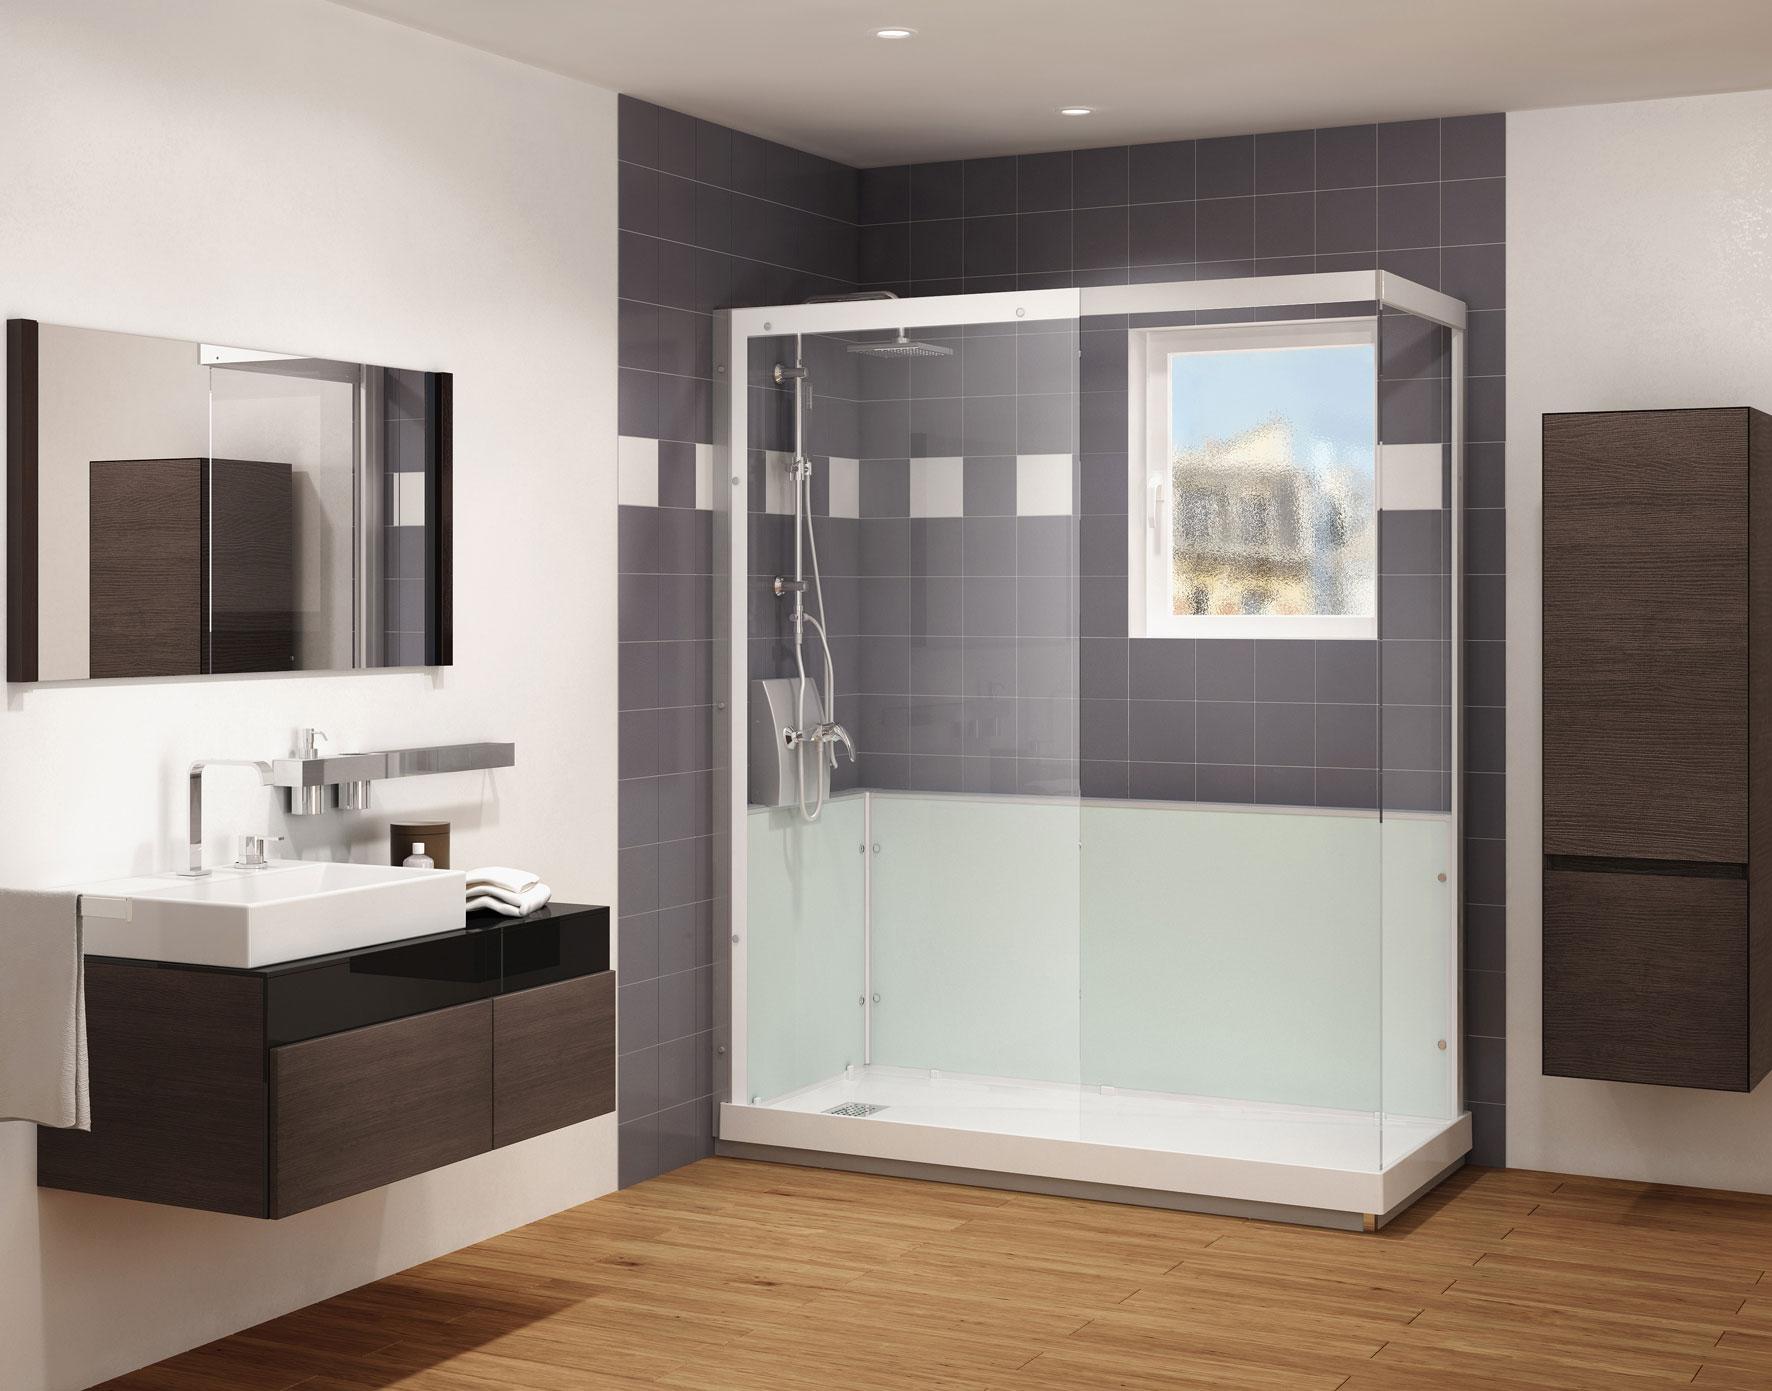 Grandform presenta easy ducha la soluci n m s r pida del - Banos con banera y plato de ducha ...